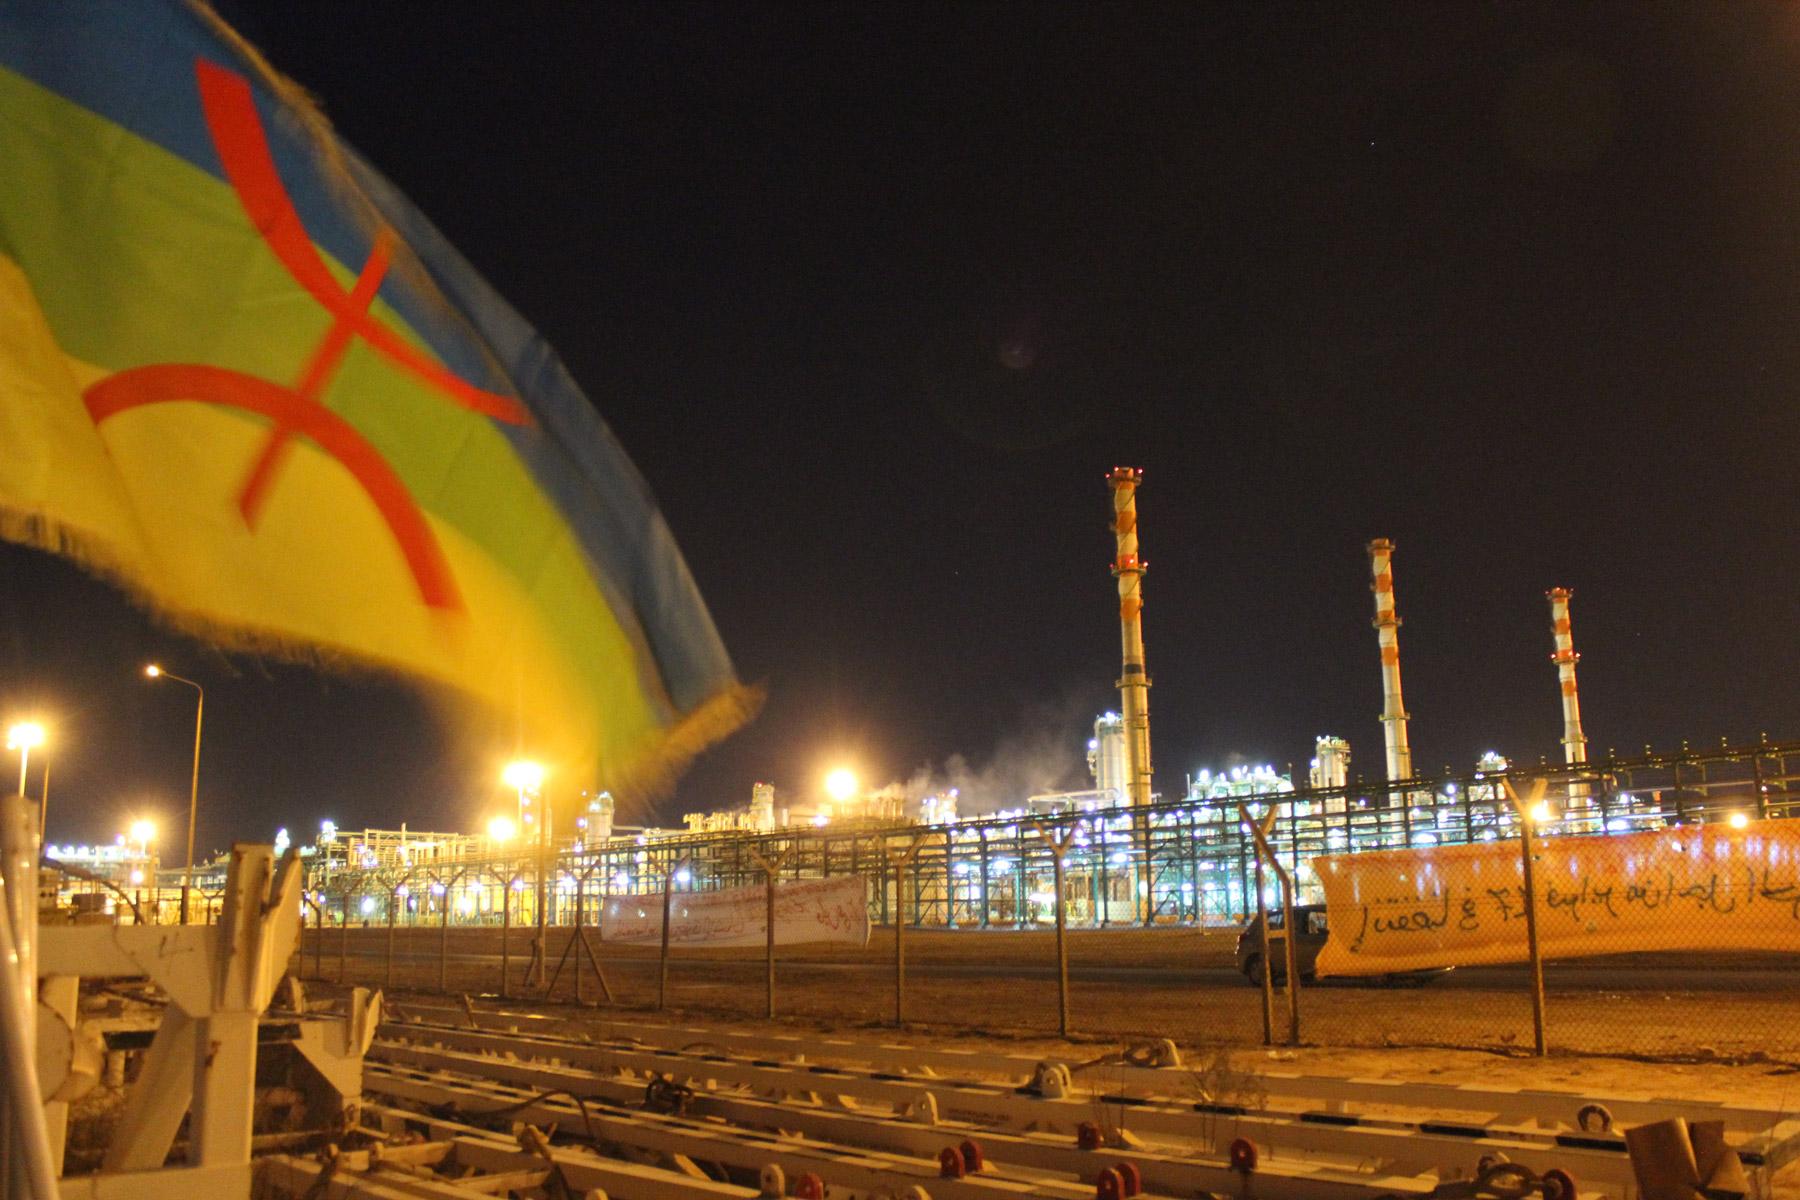 The refinery in Zawia.